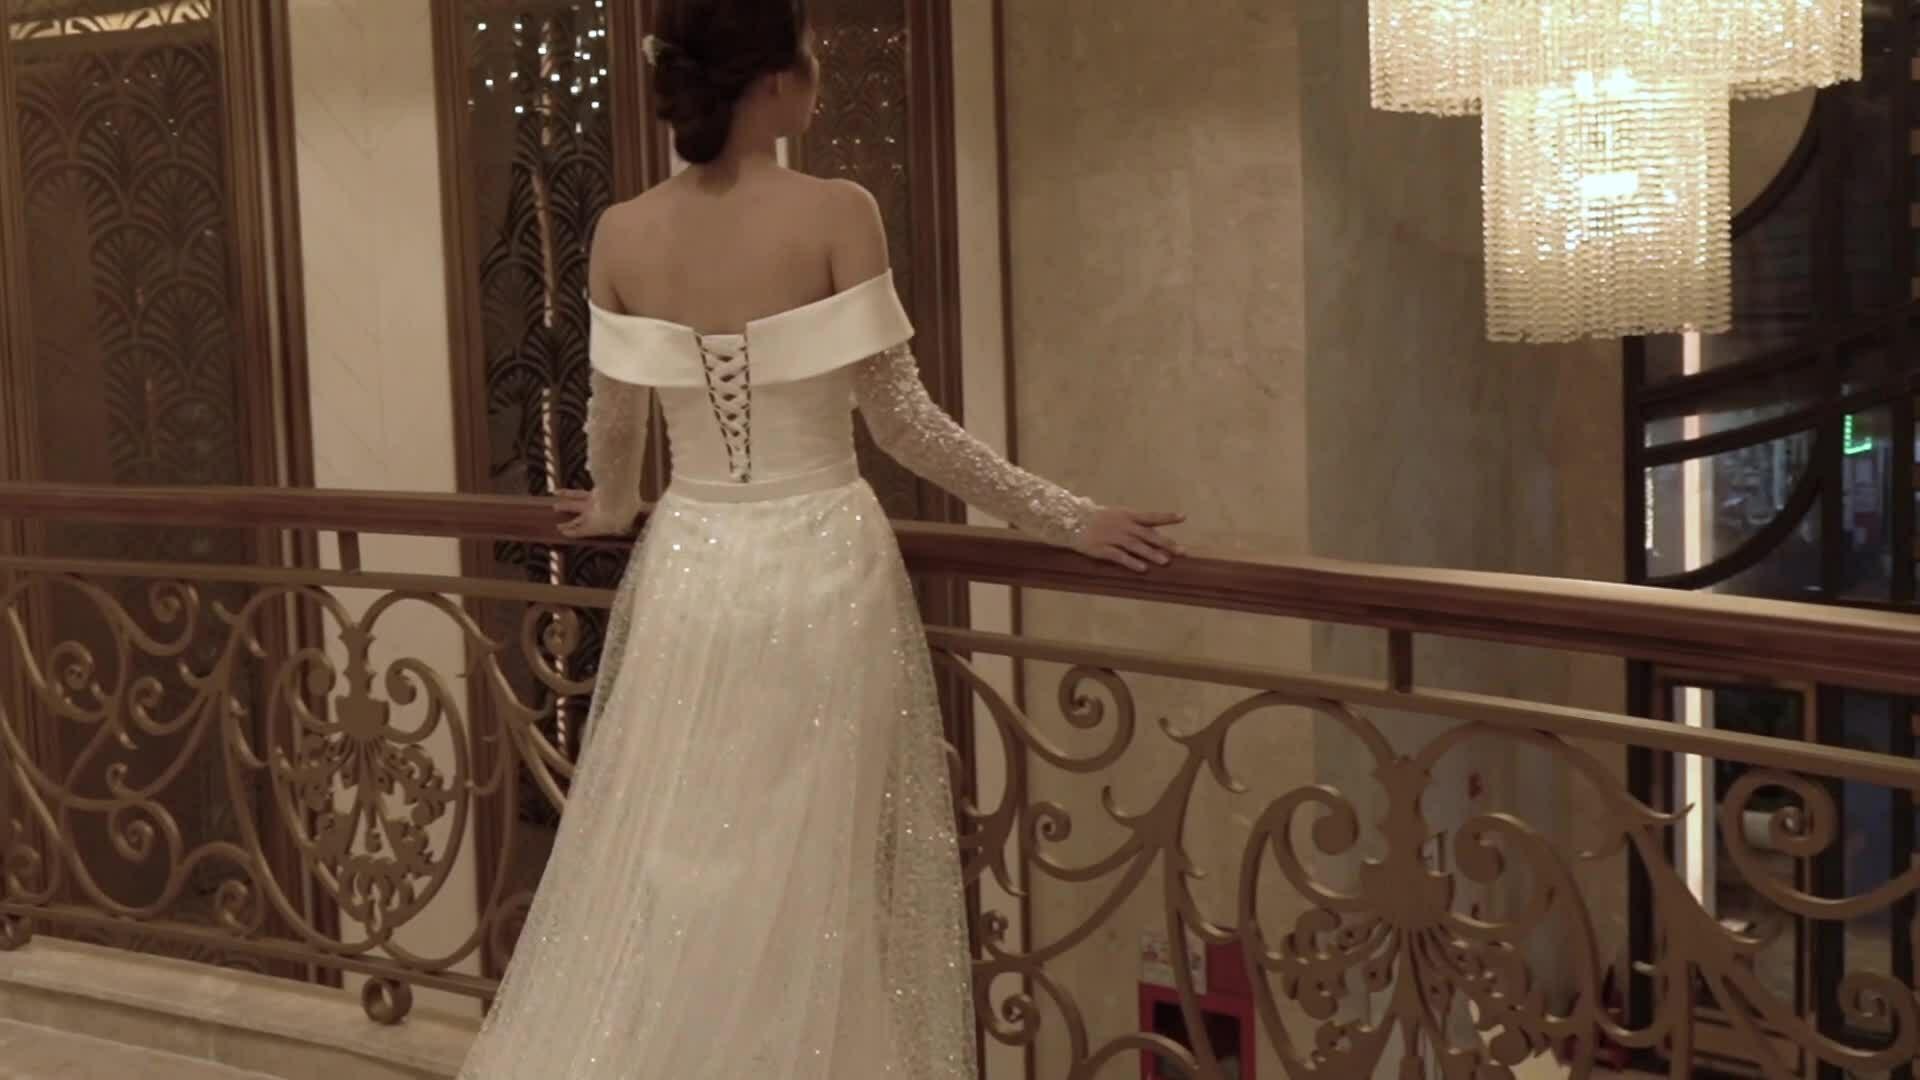 Asiana Plaza ra mắt chương trình tặng váy cưới